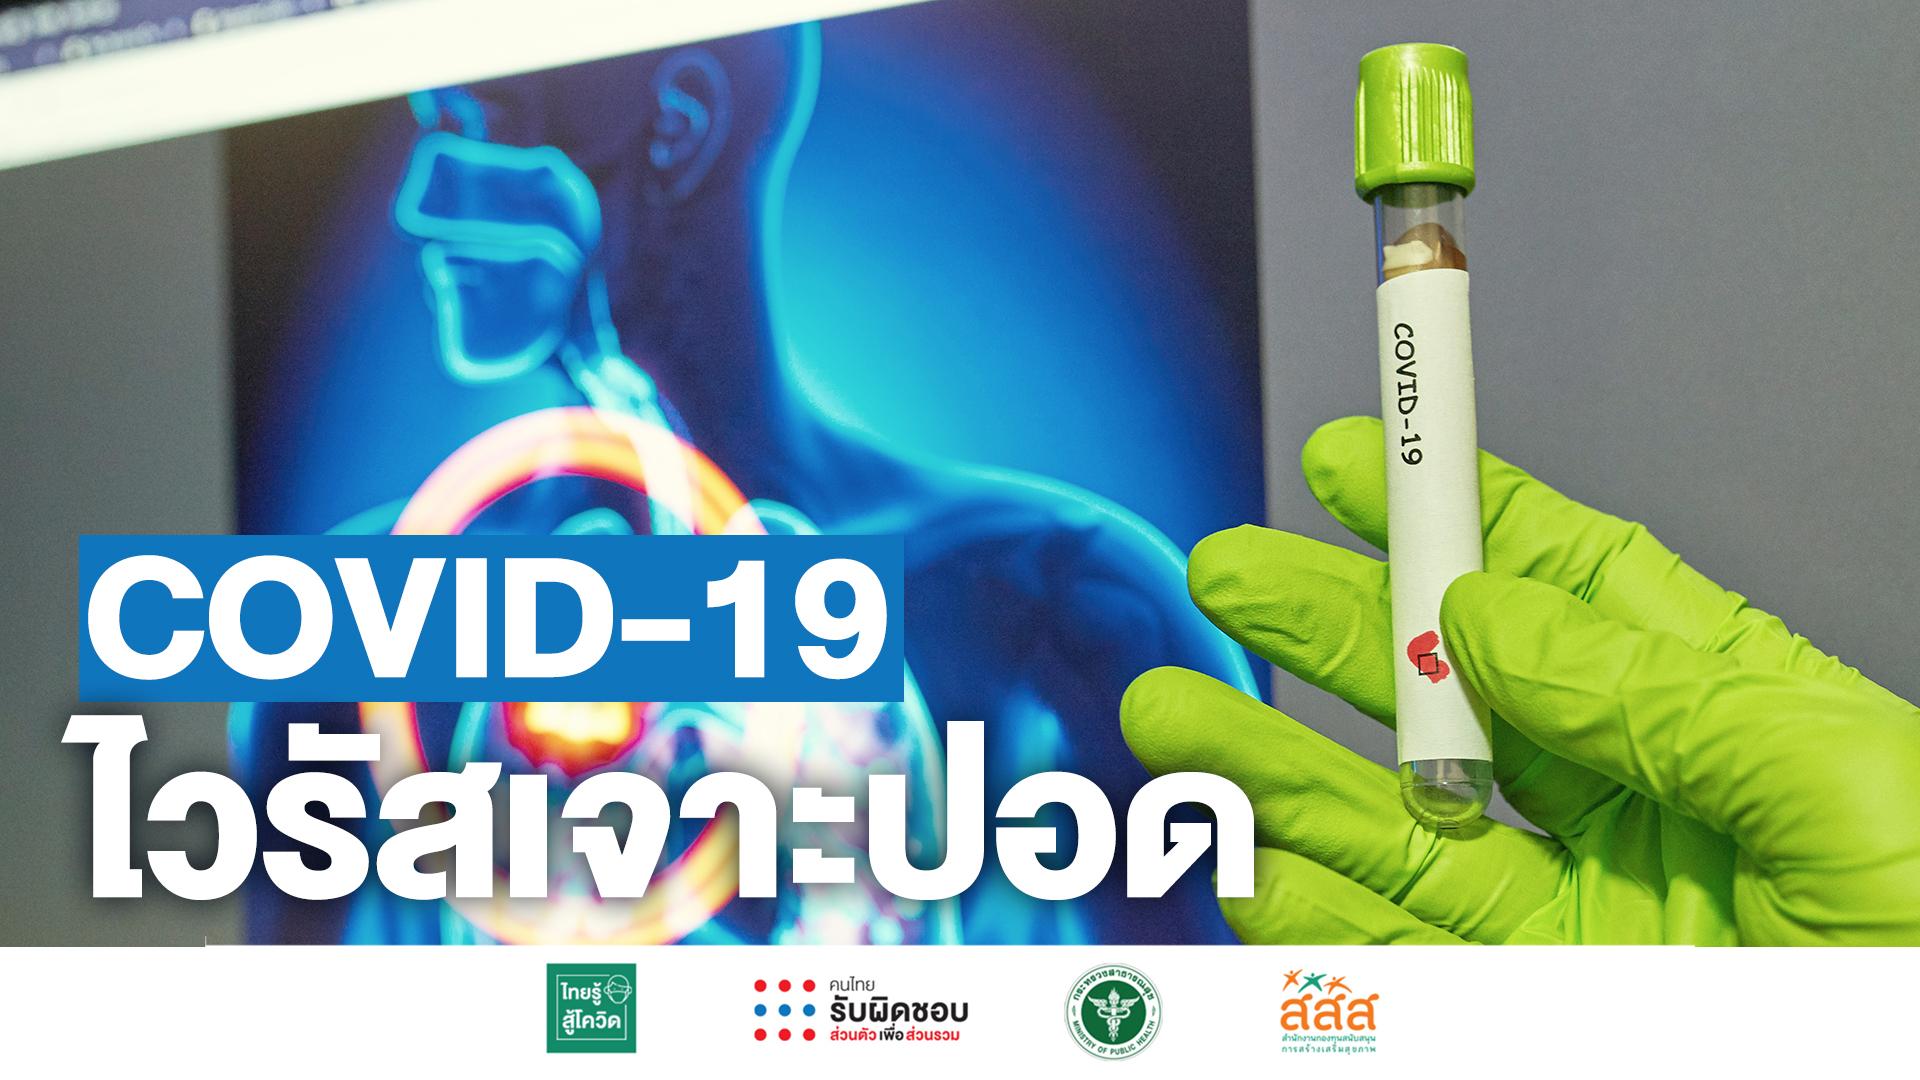 แพทย์เฉพาะทางเผยสิ่งสำคัญที่จะพาปอดคนไทยผ่านวิกฤติโควิด-19